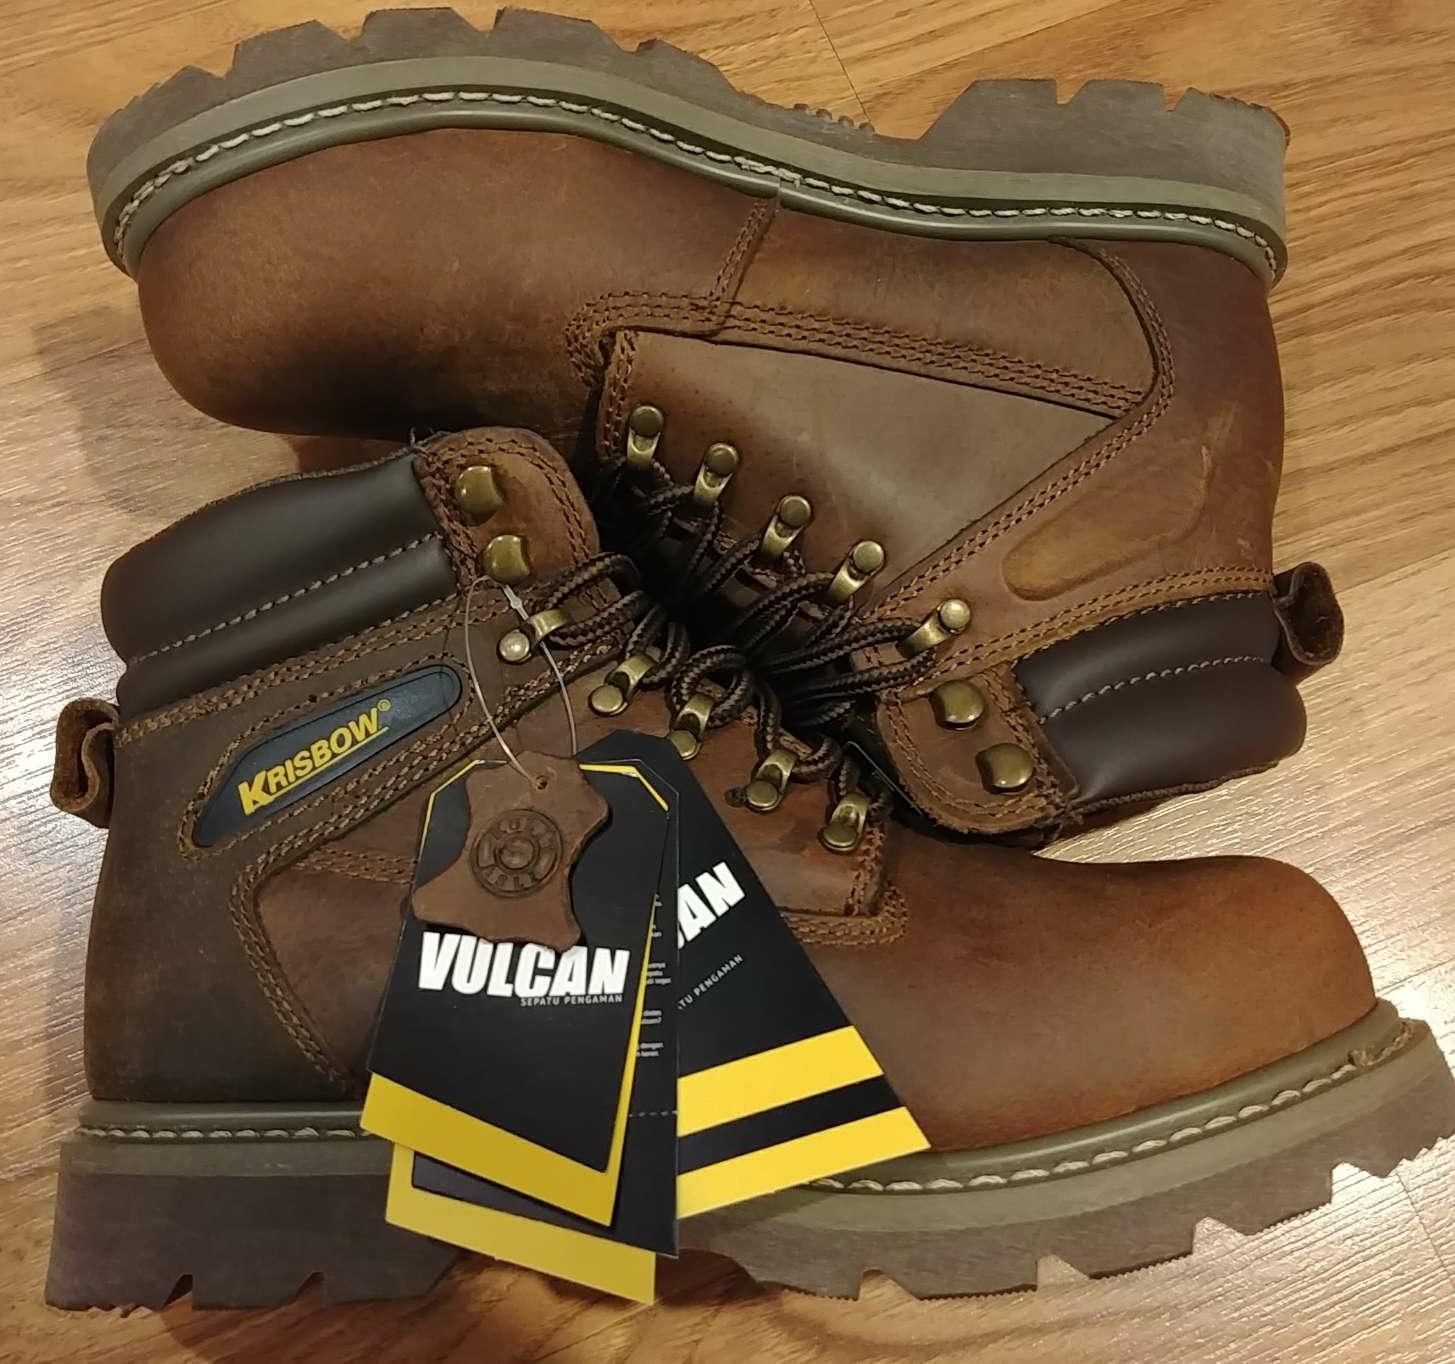 357159587dc JUAL Safety Shoes Sepatu Pengaman Vulcan Ukuran 41